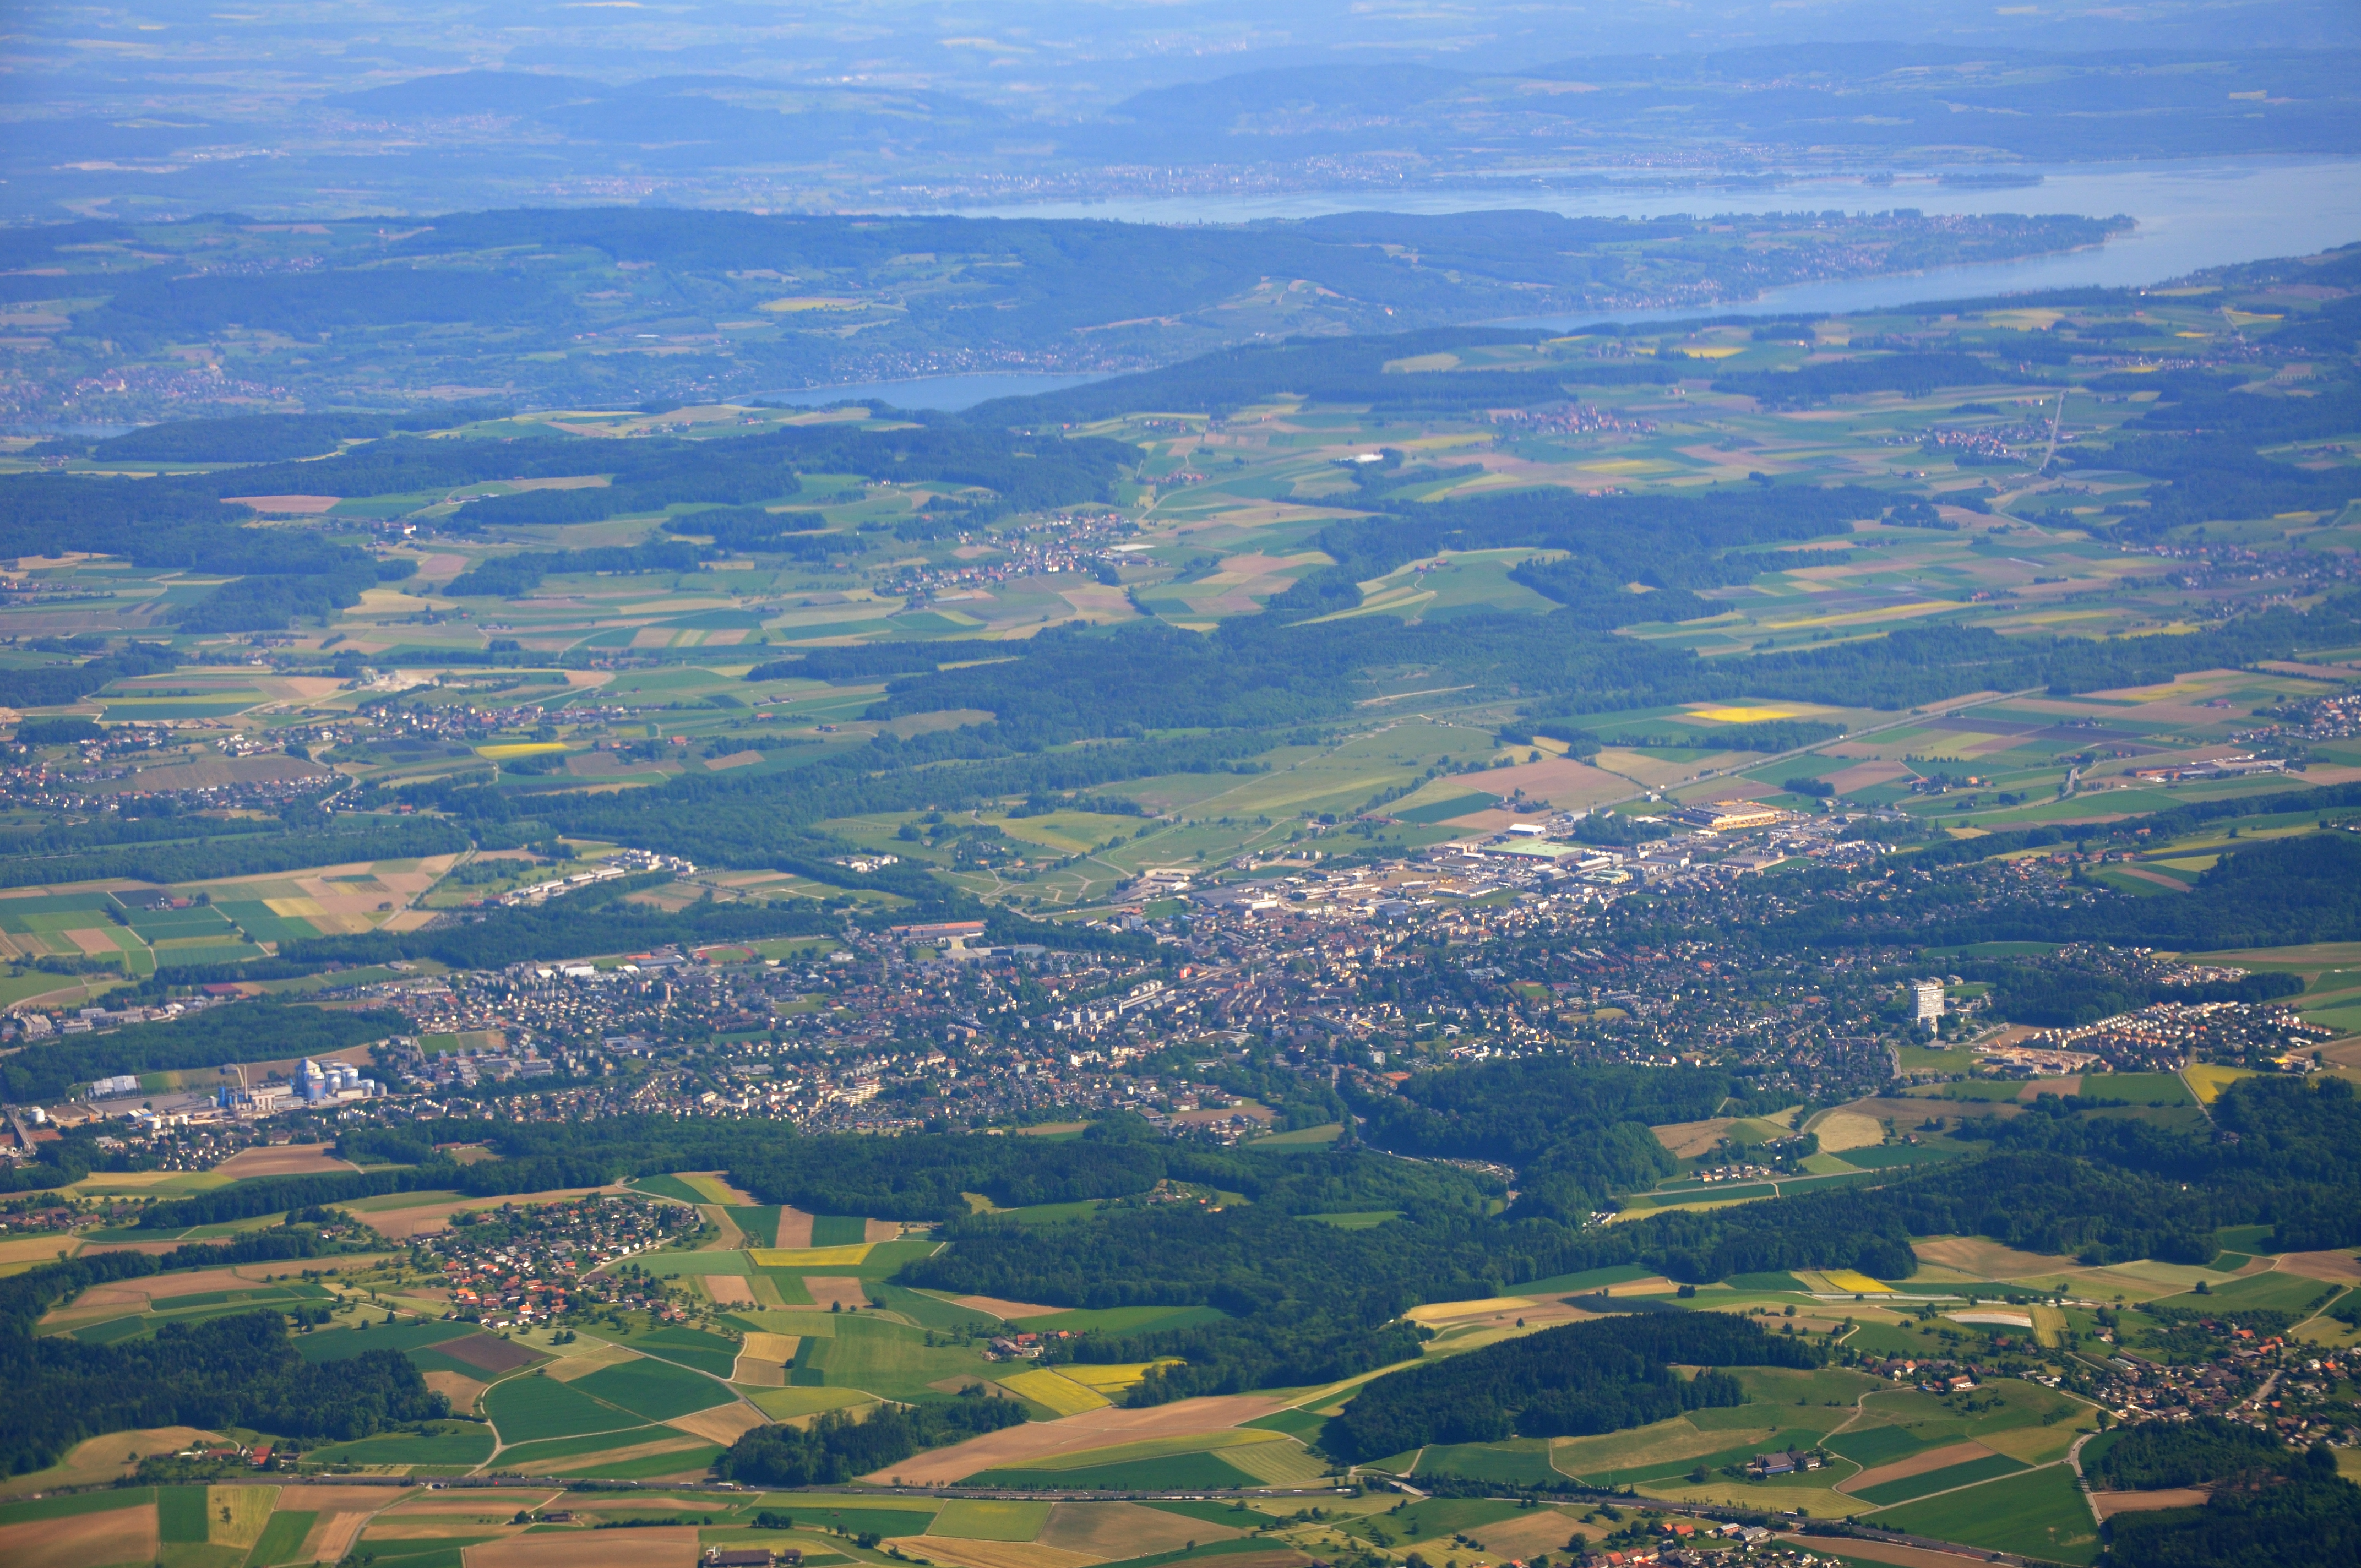 Frauenfeld Switzerland  city photos gallery : Blick auf Frauenfeld, im Hintergrund der Bodensee